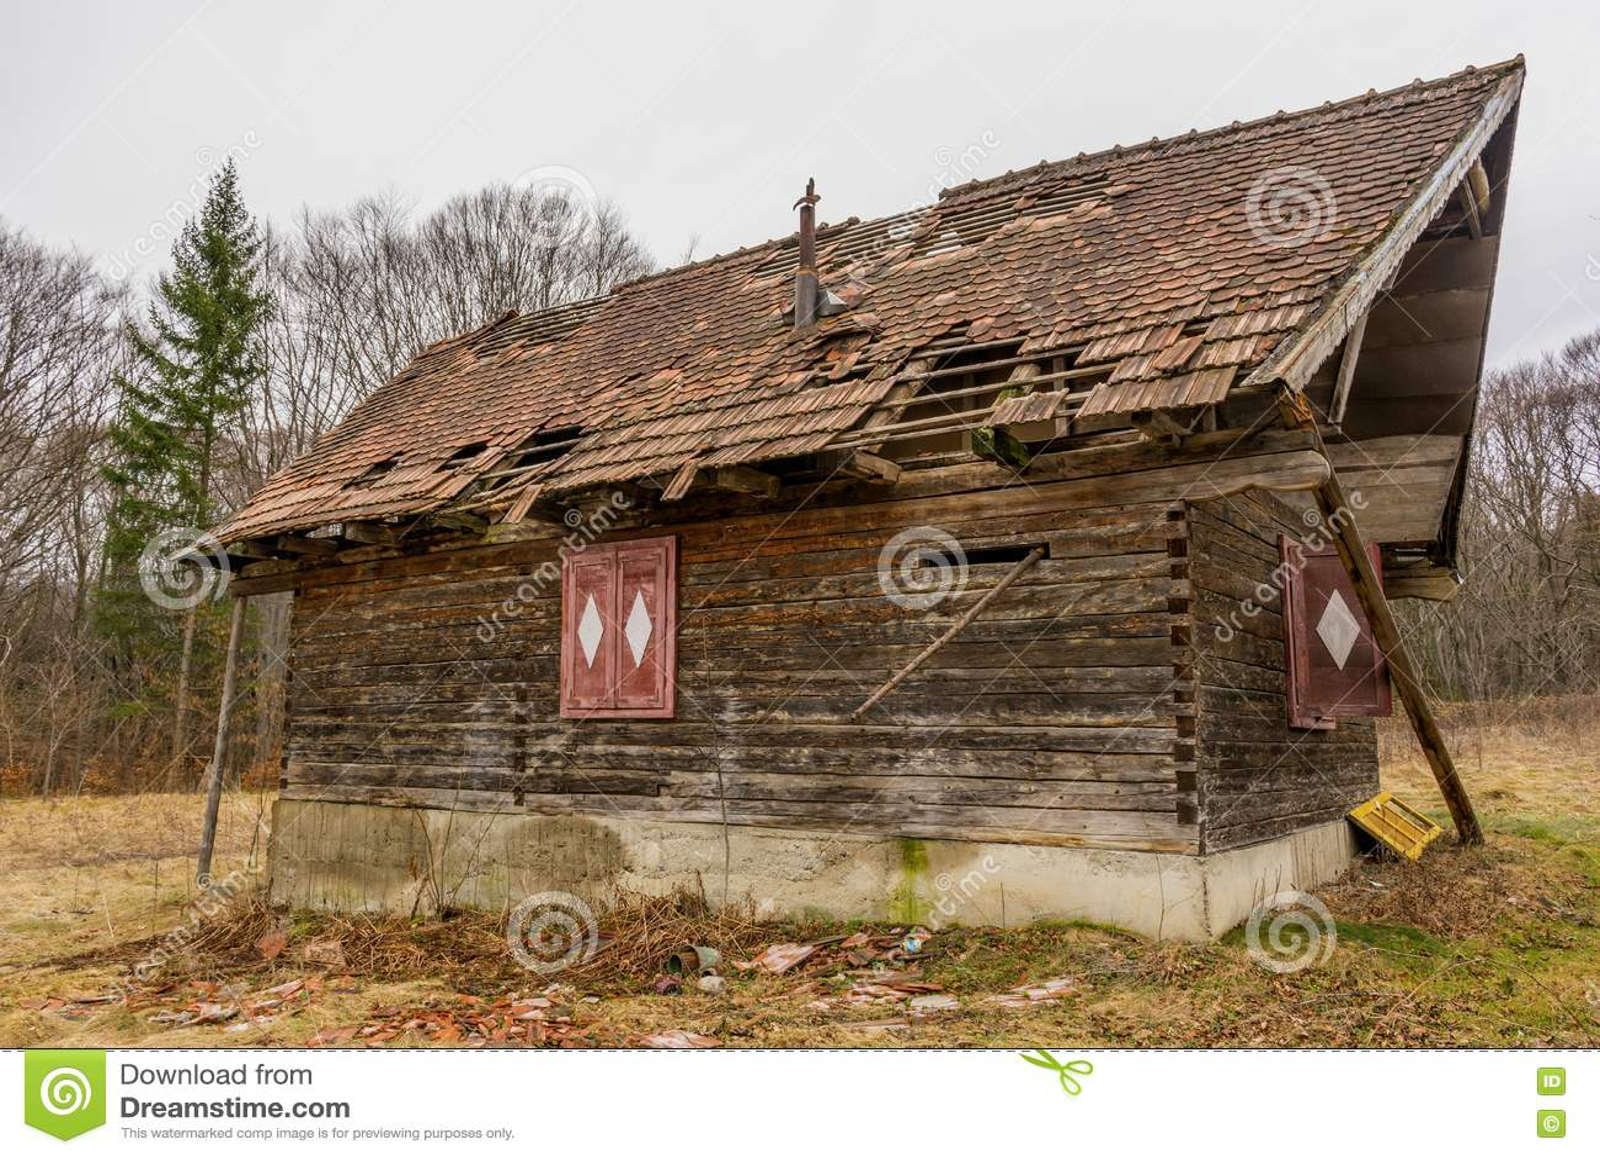 Casa que se derrumba de madera abandonada rural vieja foto - Casa rural de madera ...